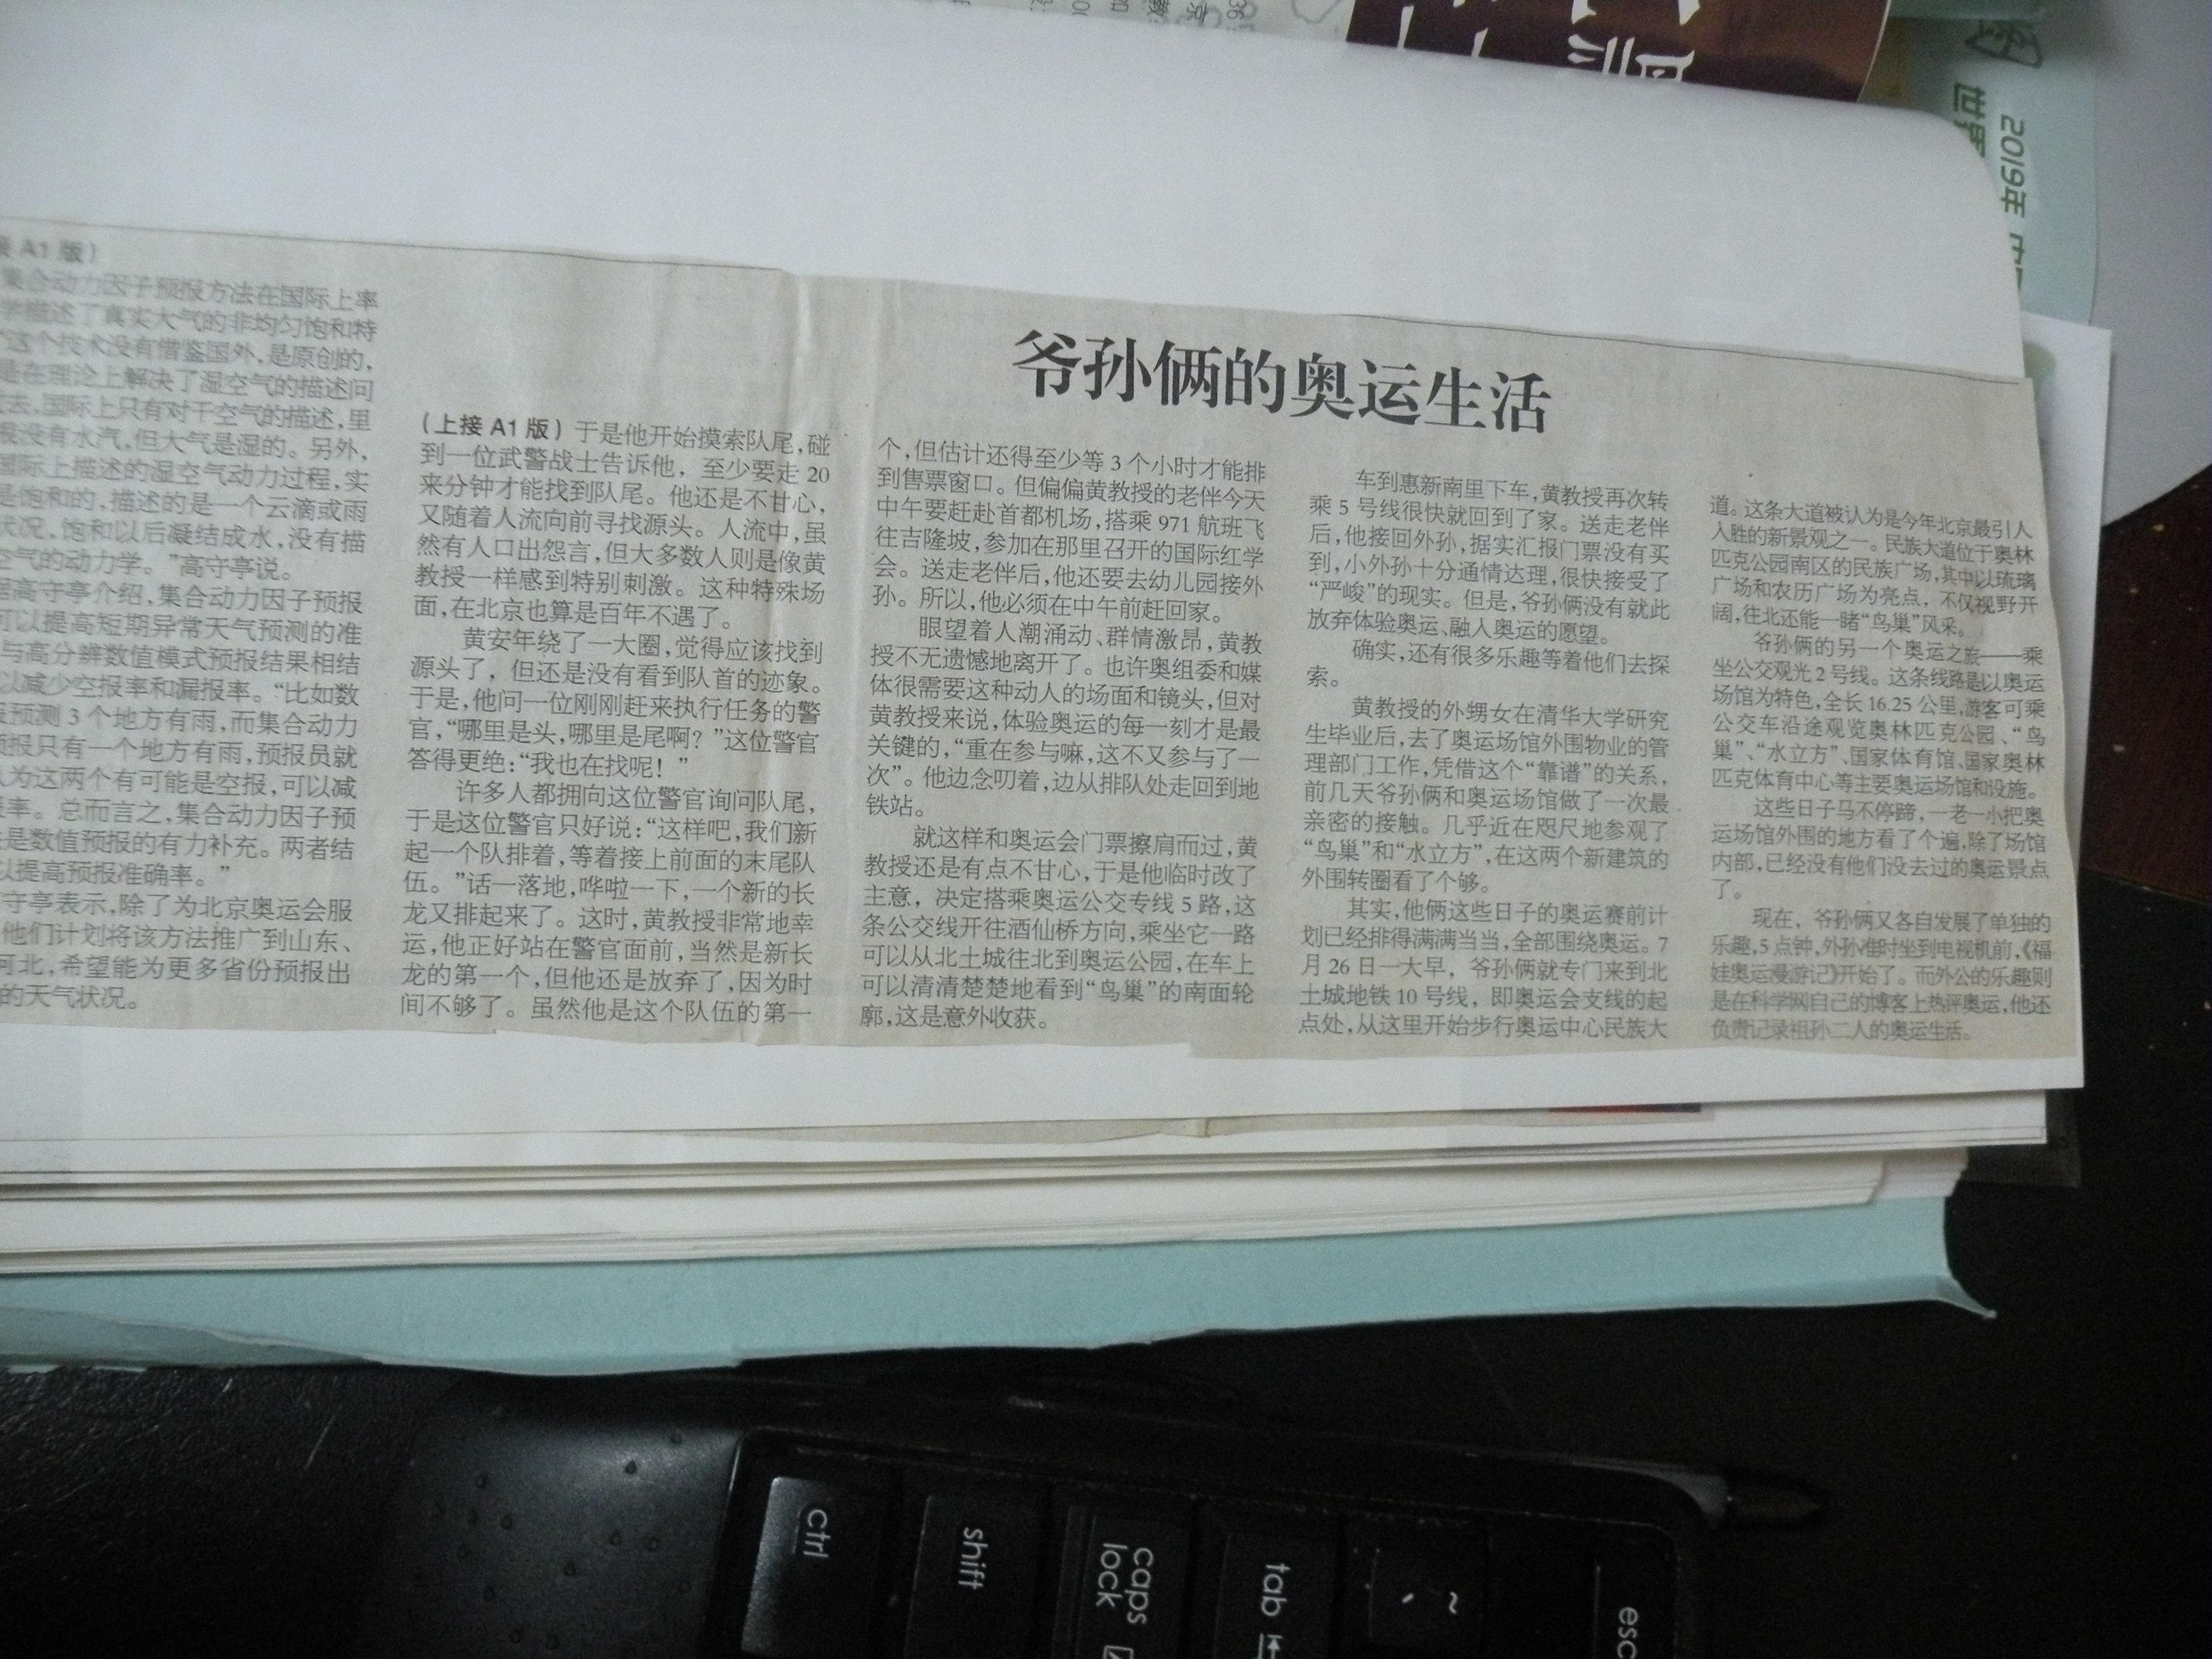 DSCN7095.JPG